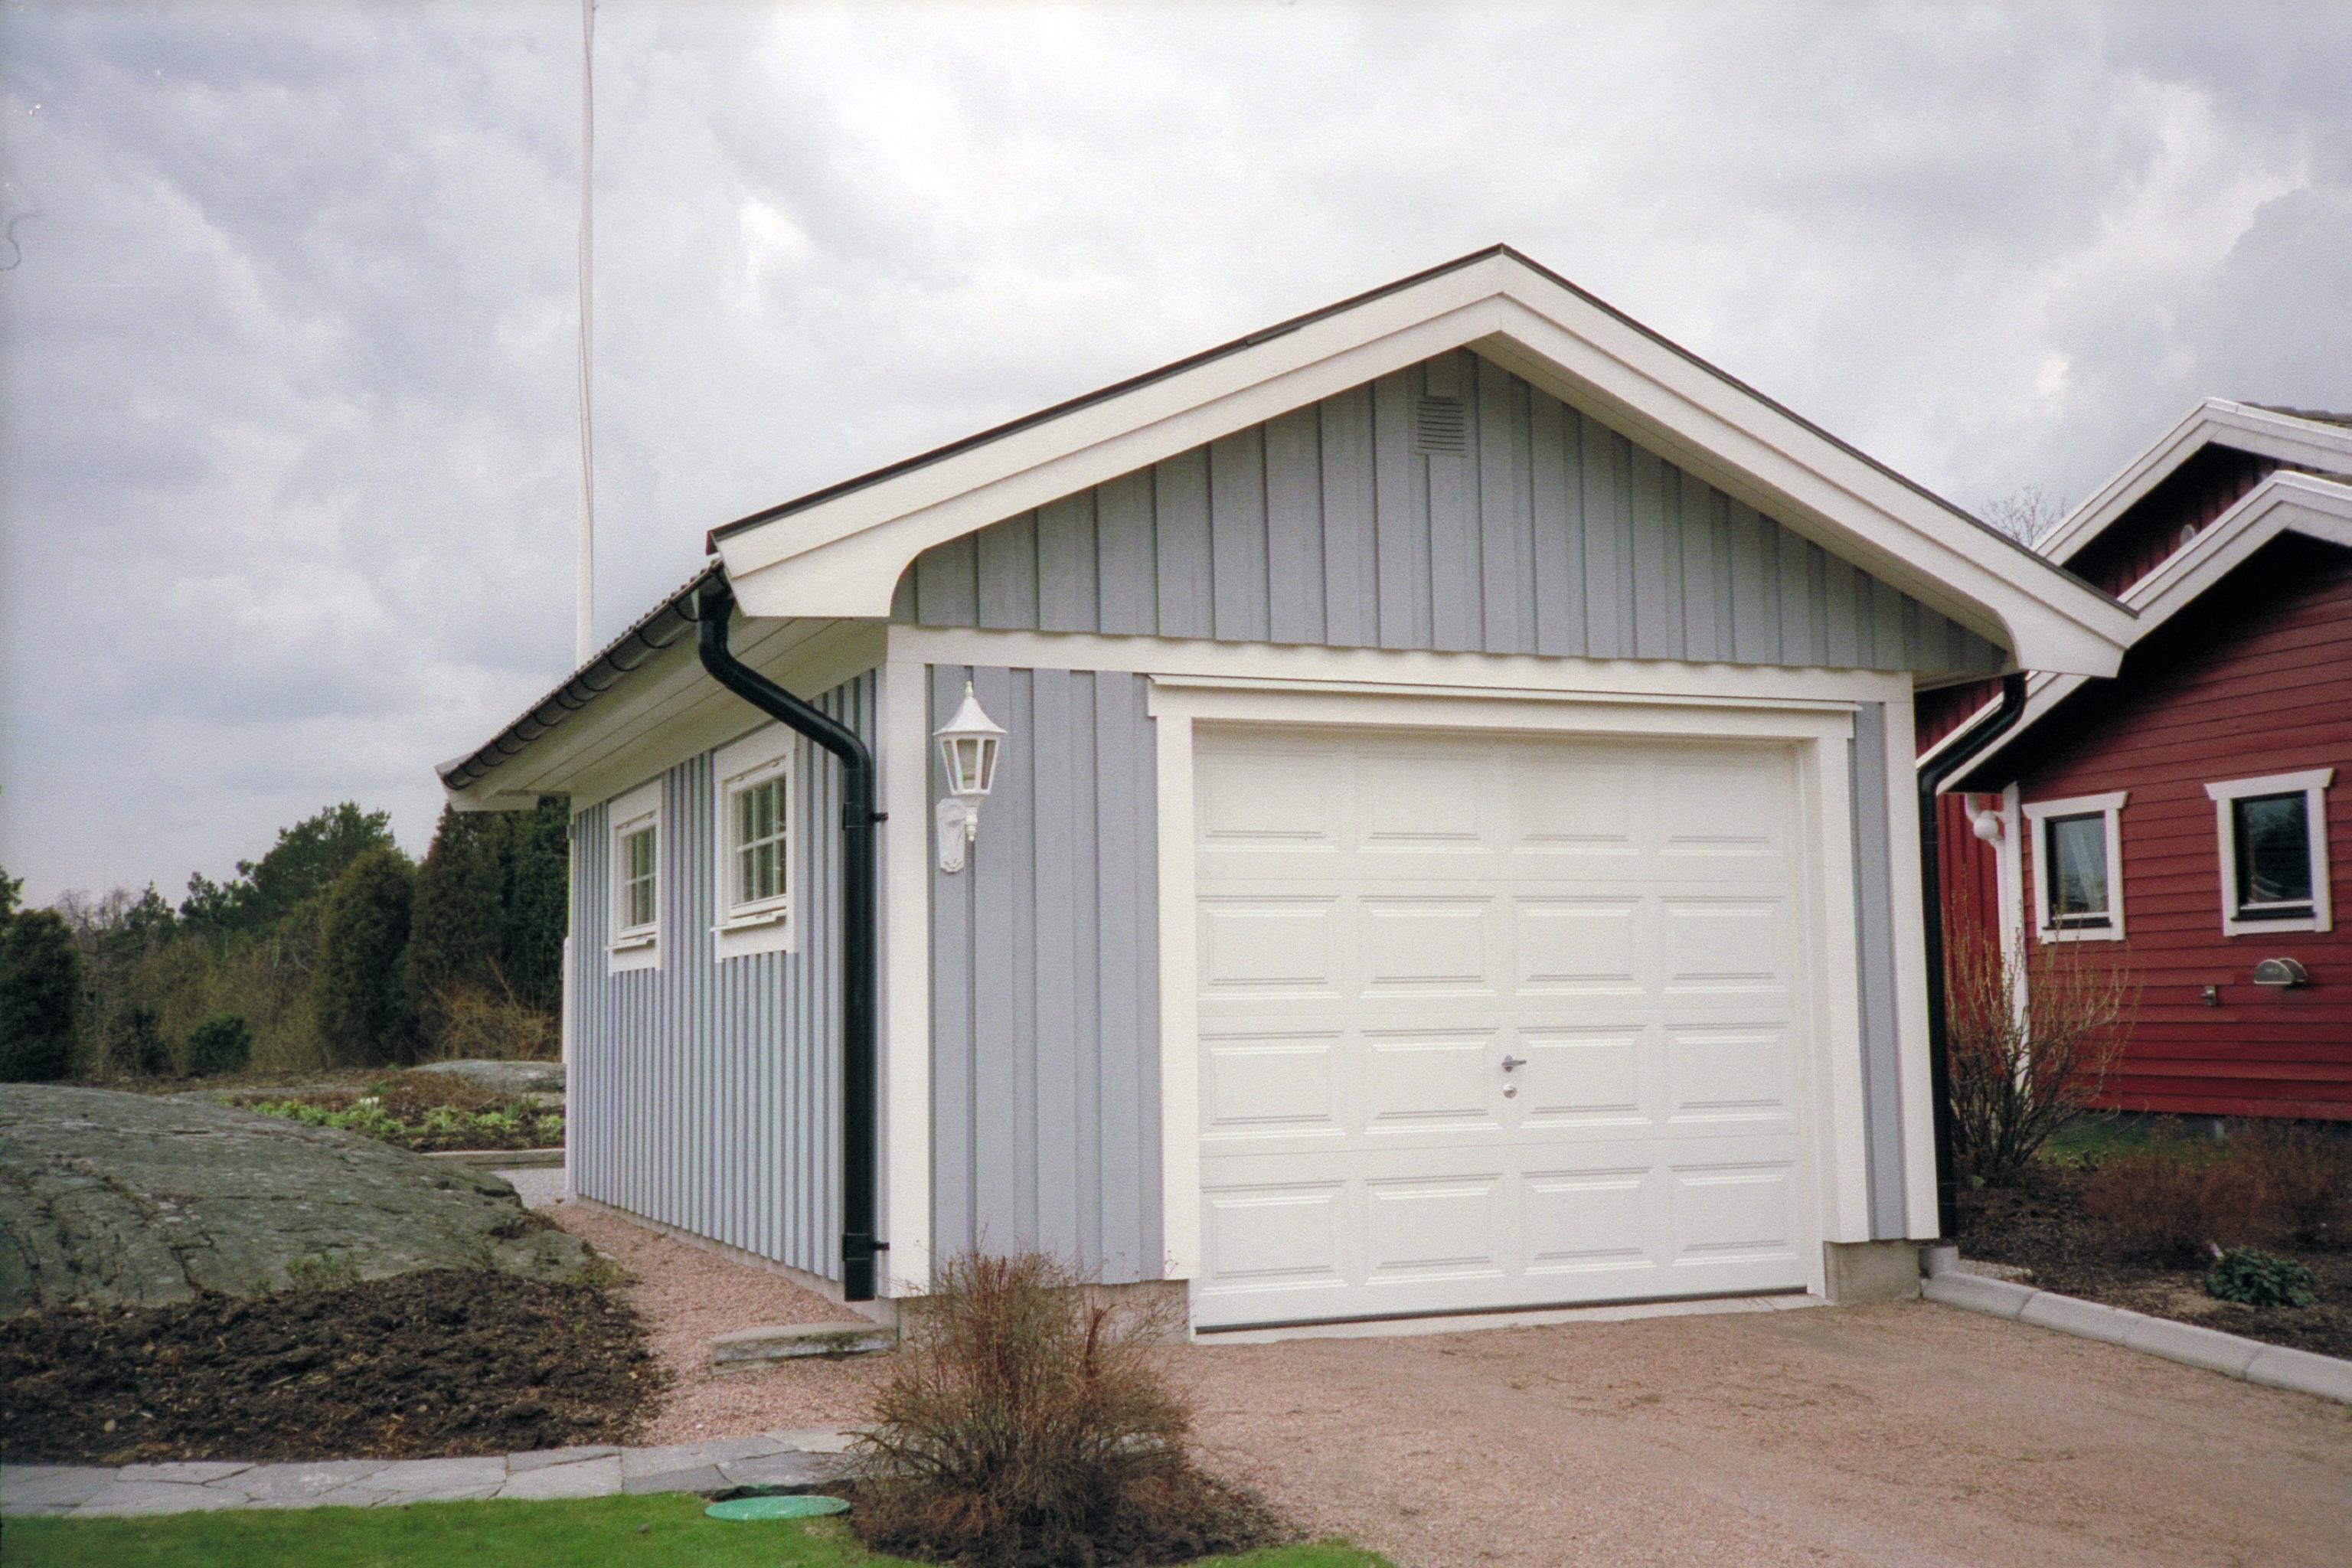 kostnad att bygga garage